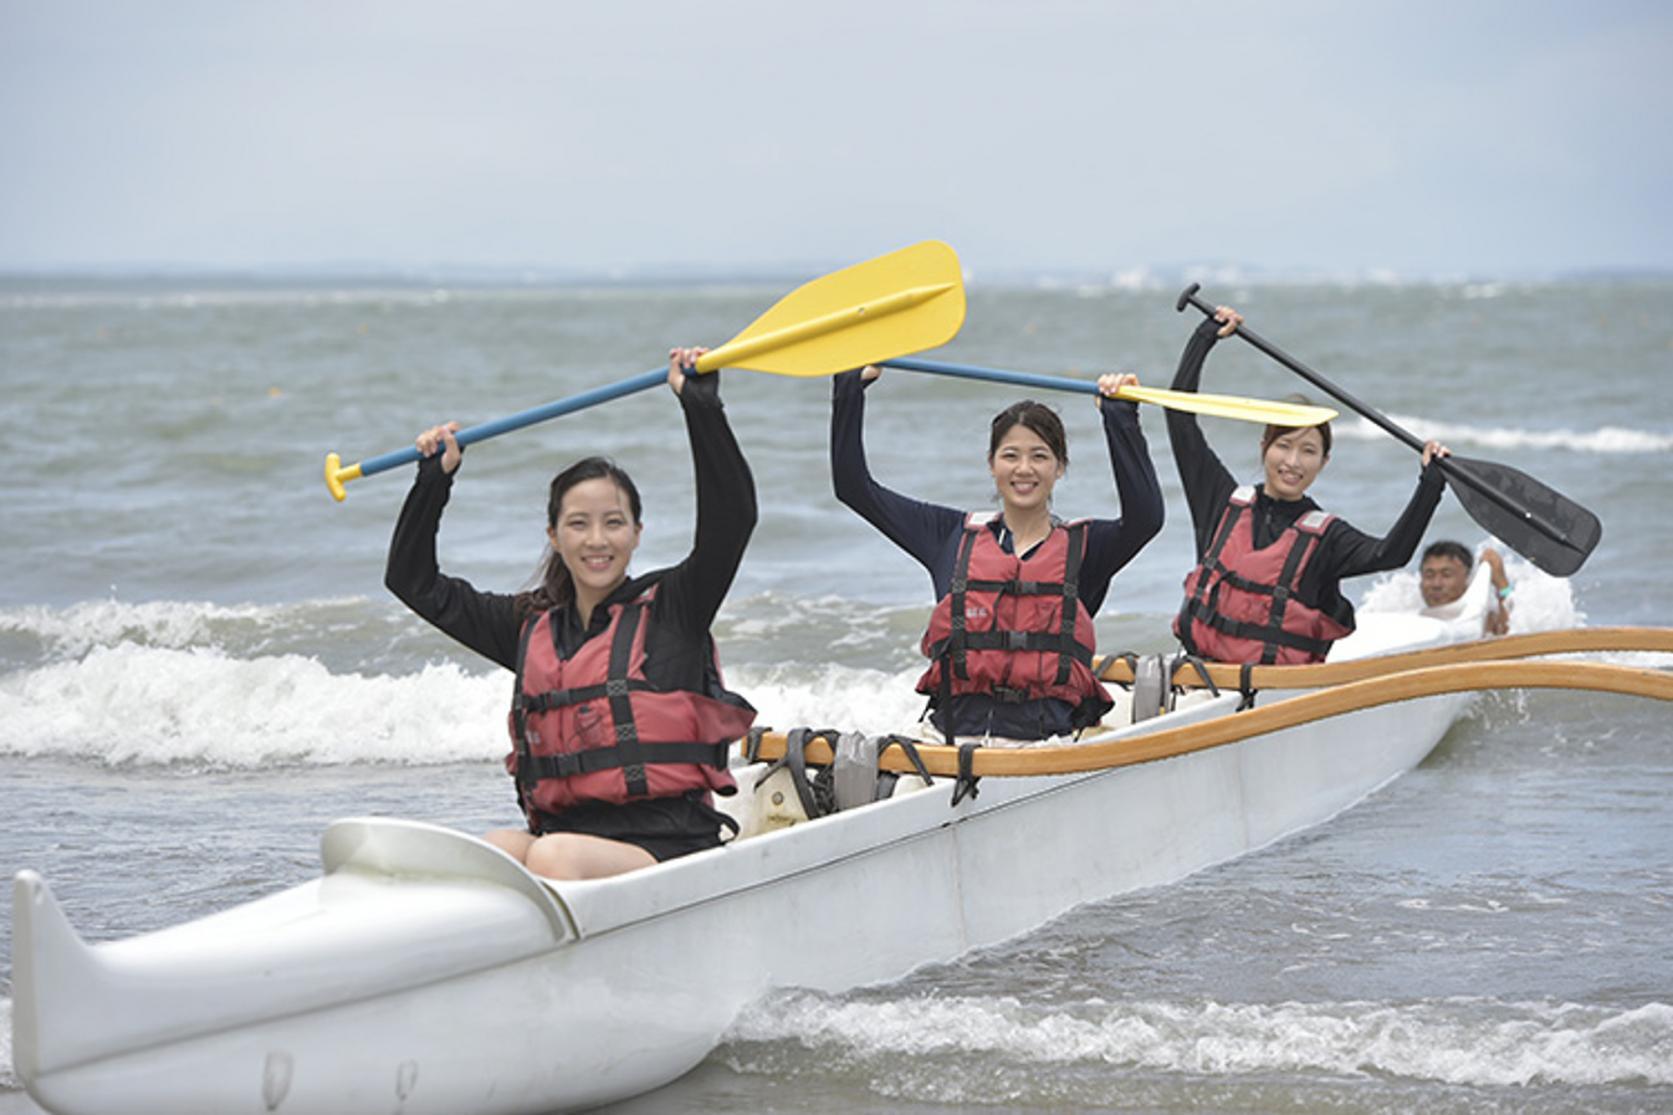 渚のマリンスポーツ3種体験-5